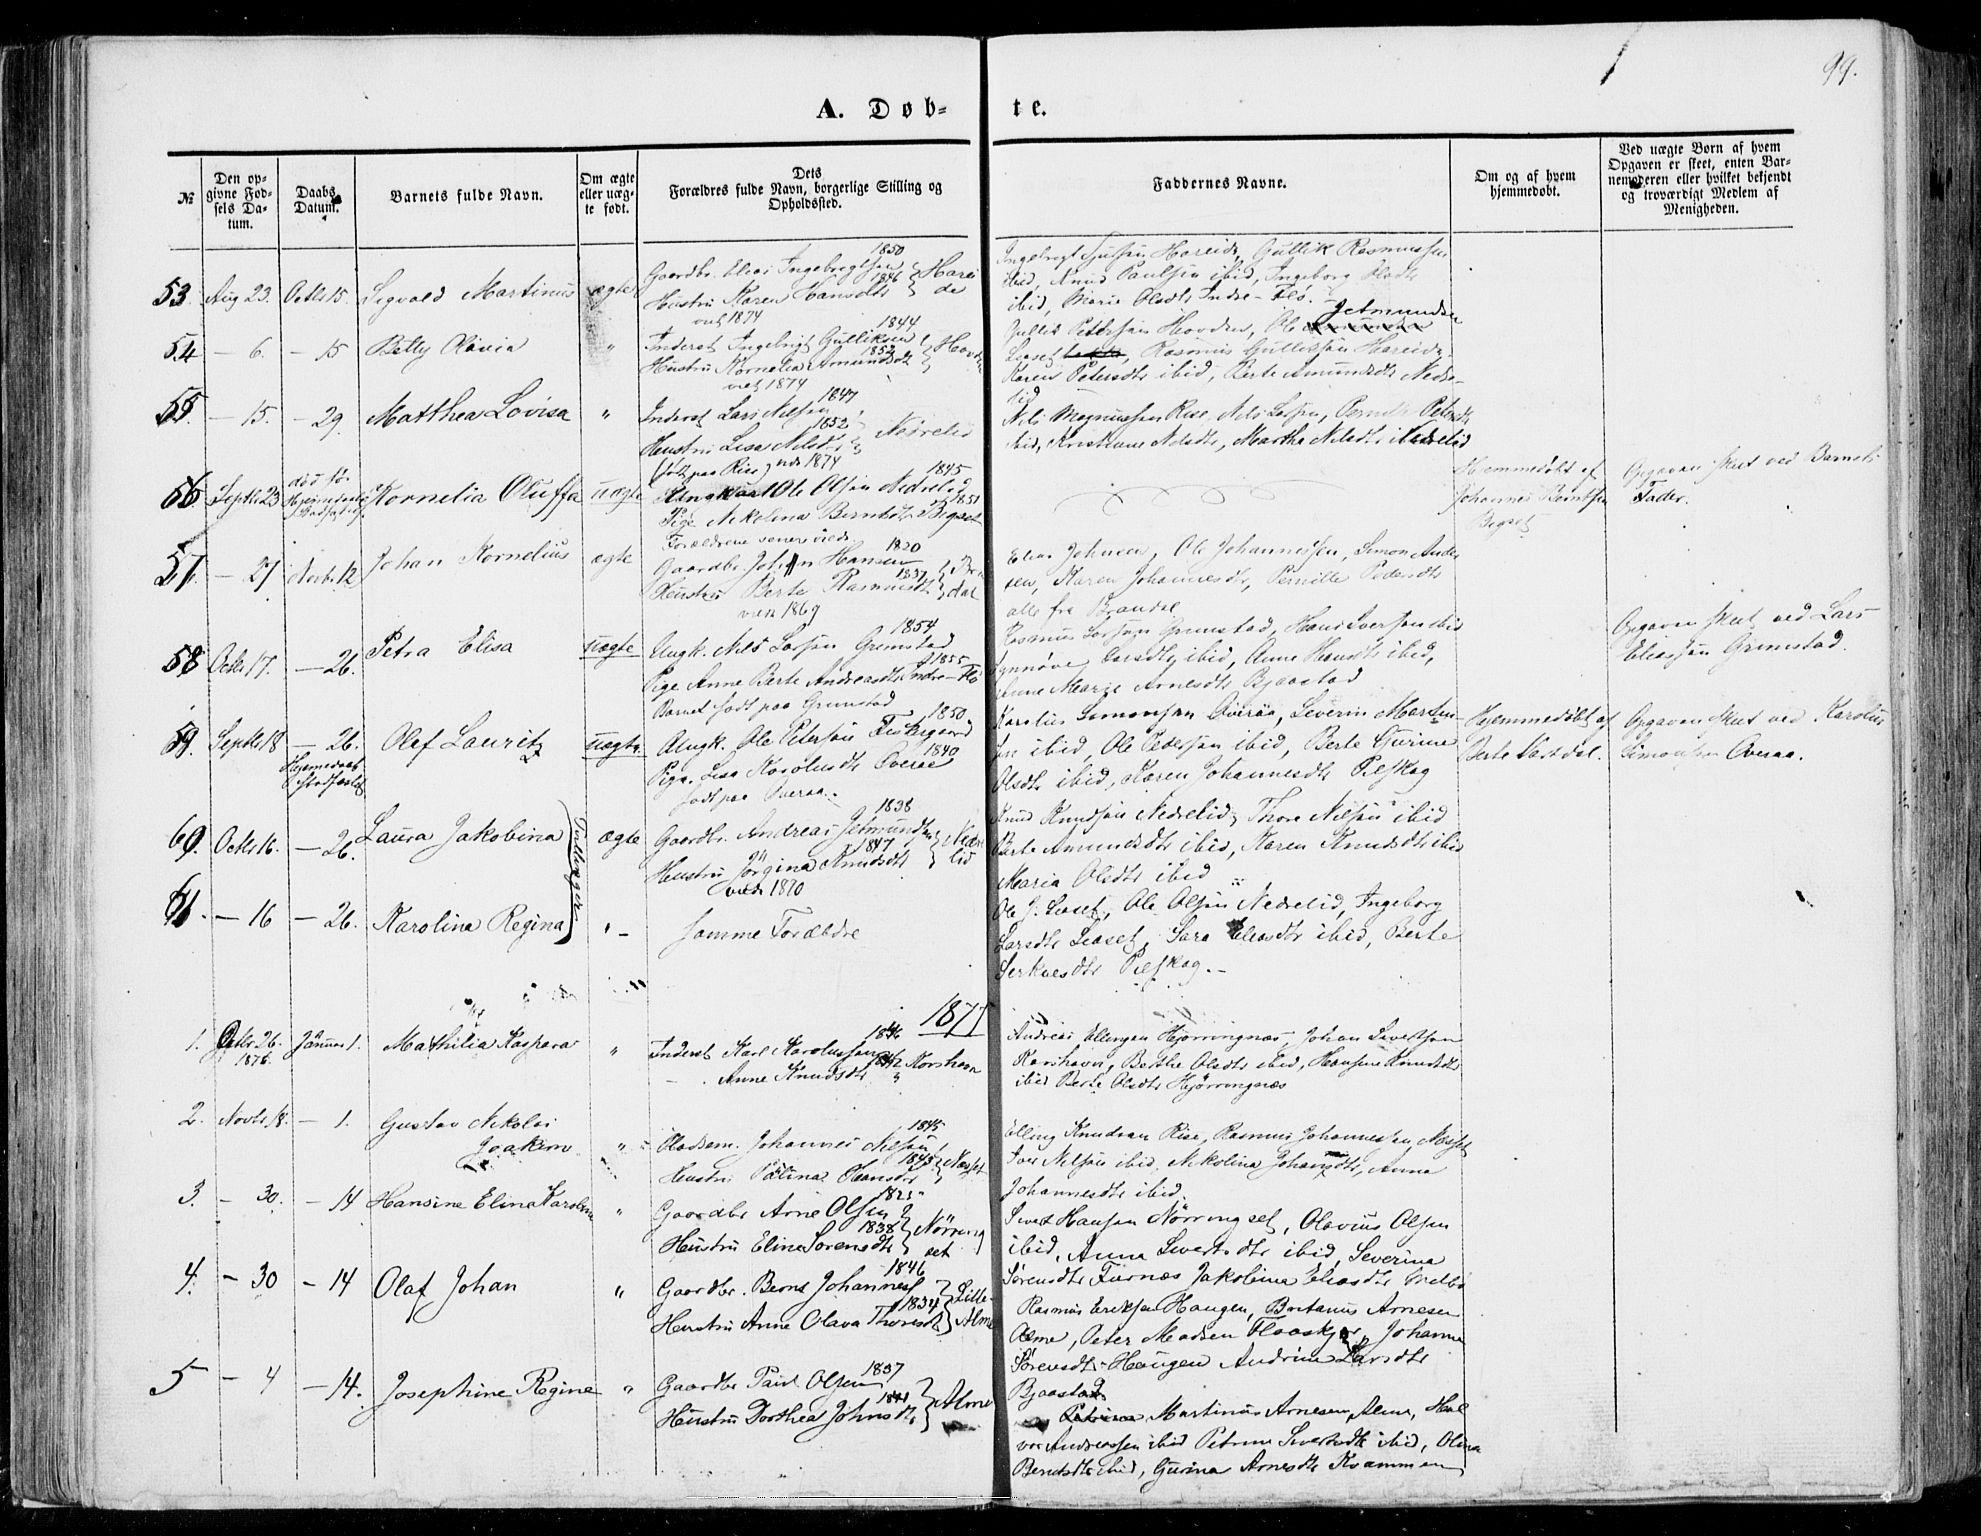 SAT, Ministerialprotokoller, klokkerbøker og fødselsregistre - Møre og Romsdal, 510/L0121: Ministerialbok nr. 510A01, 1848-1877, s. 99